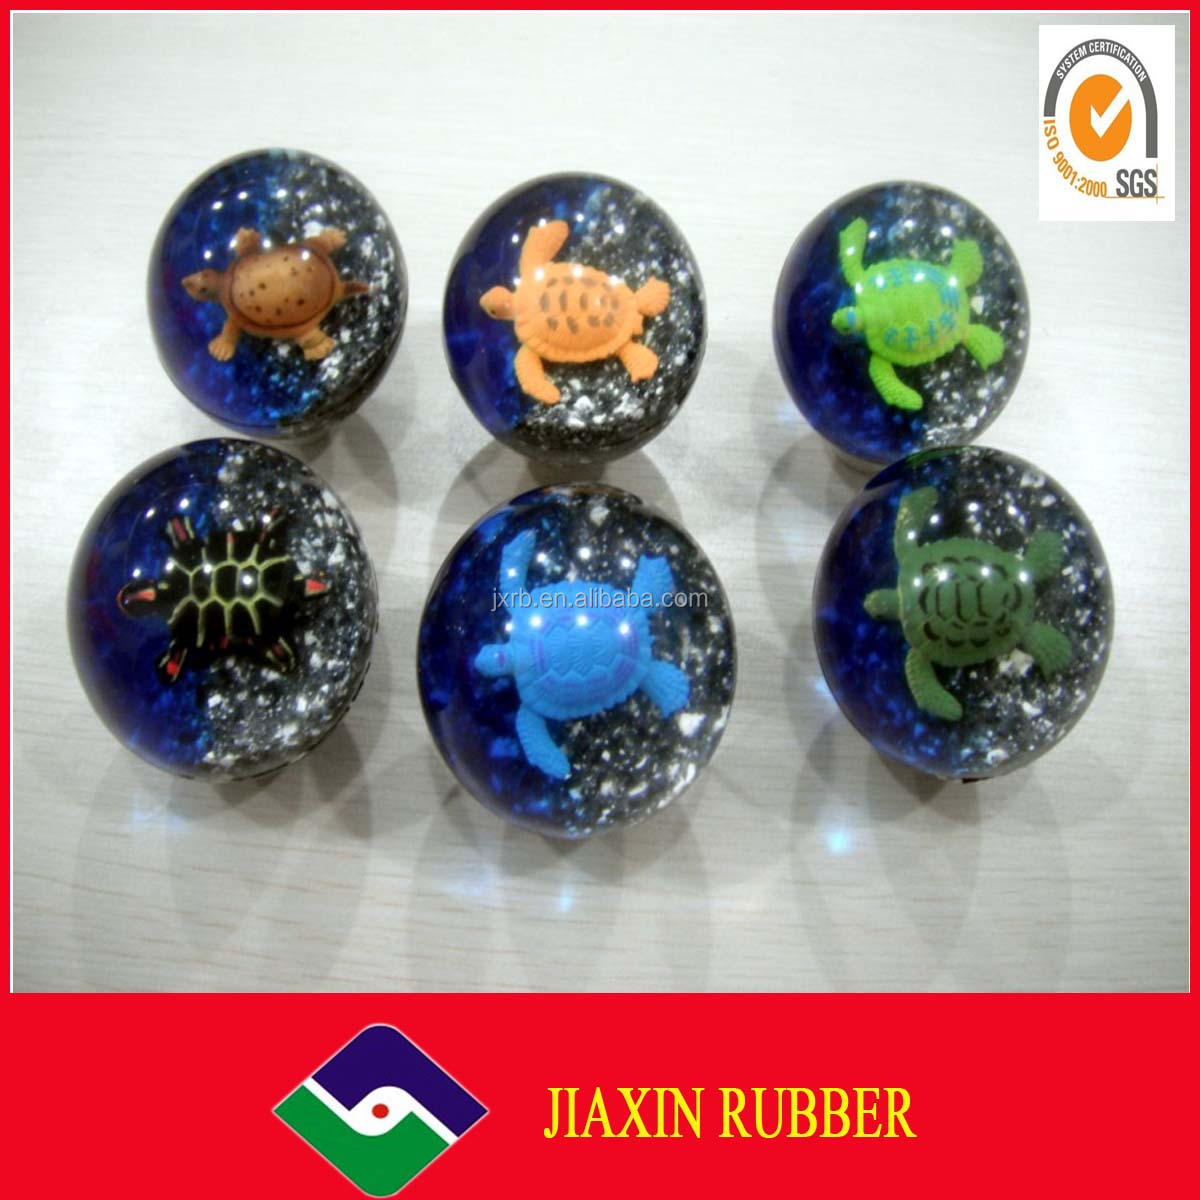 2014 Natural Rubber Ball Pet Toy Ball Rubber Bouncing Ball